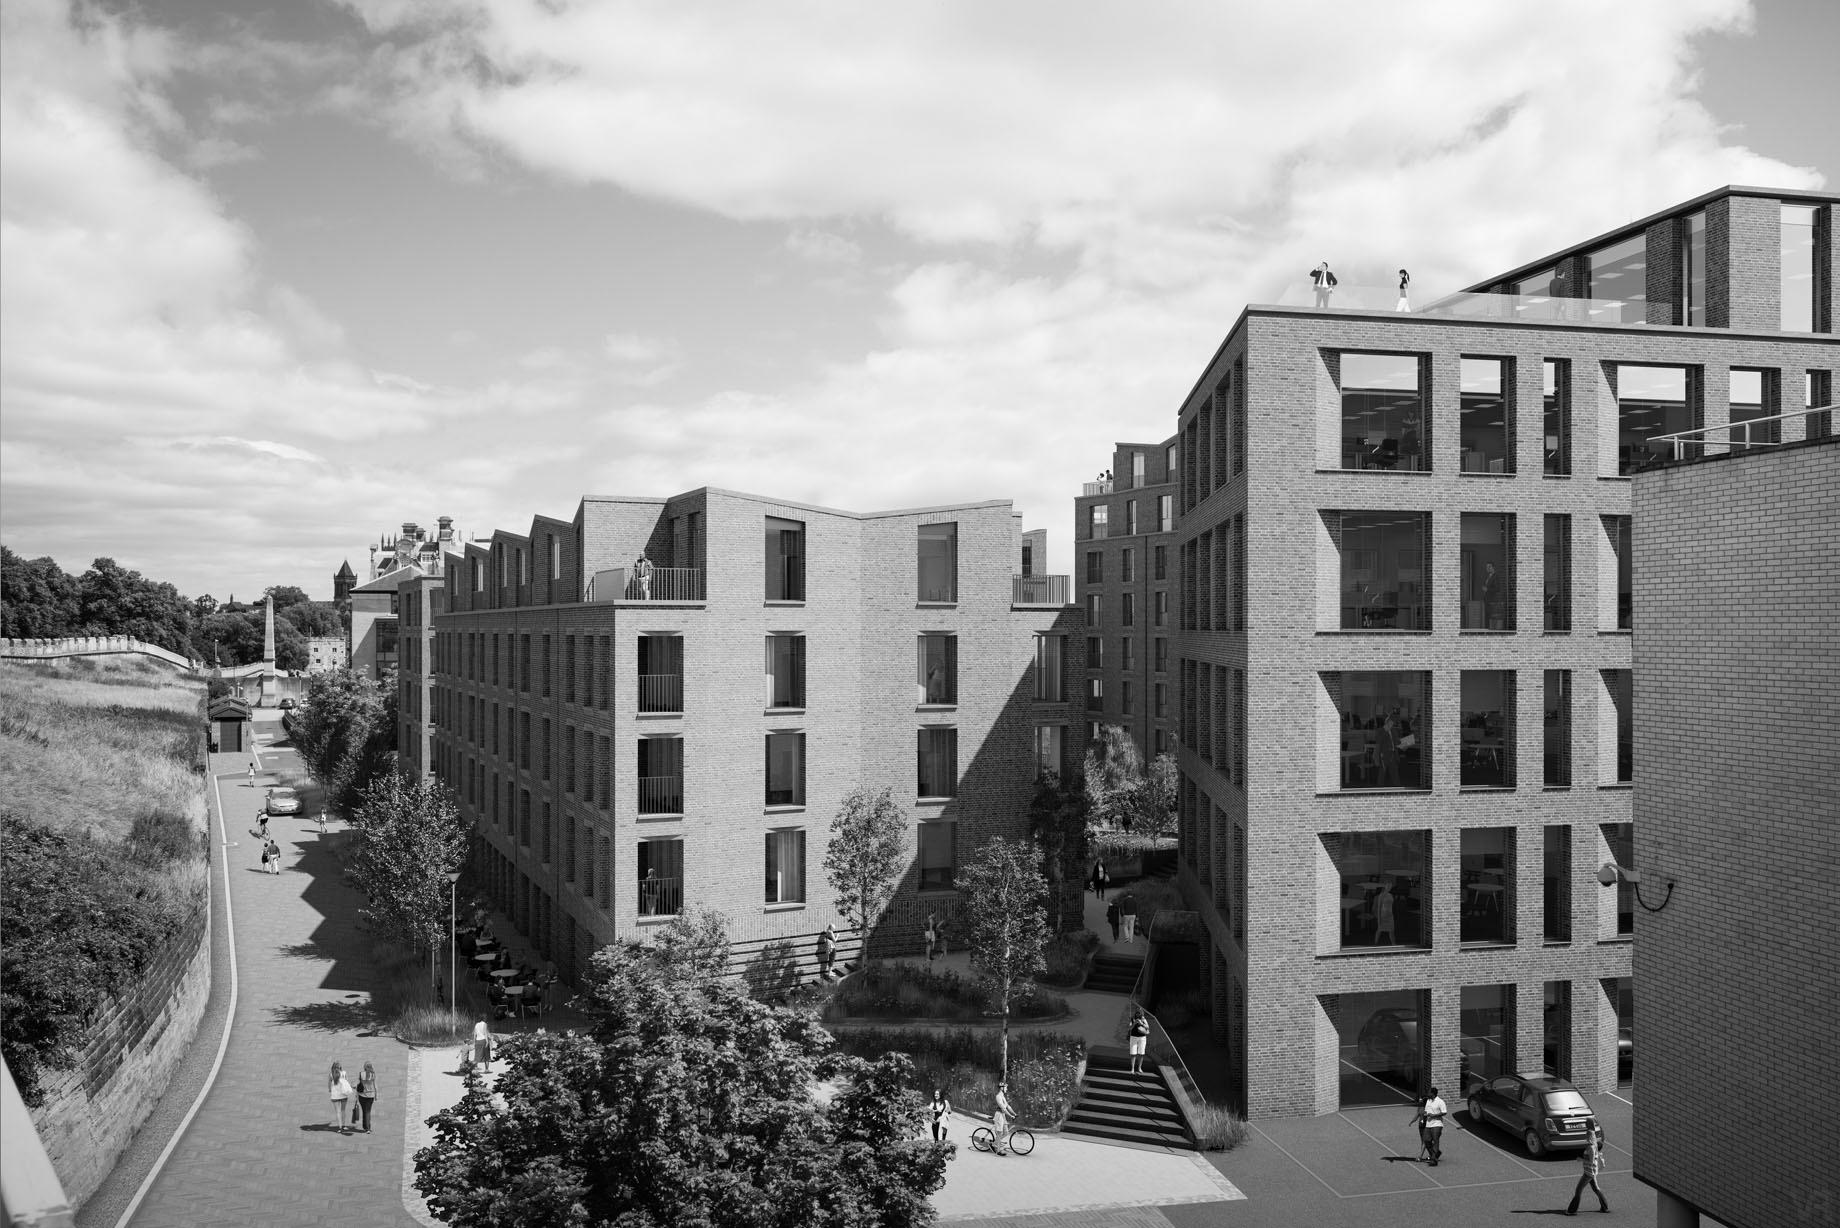 HudsonHouse-AVR-View4-FINAL-v3_sml-1